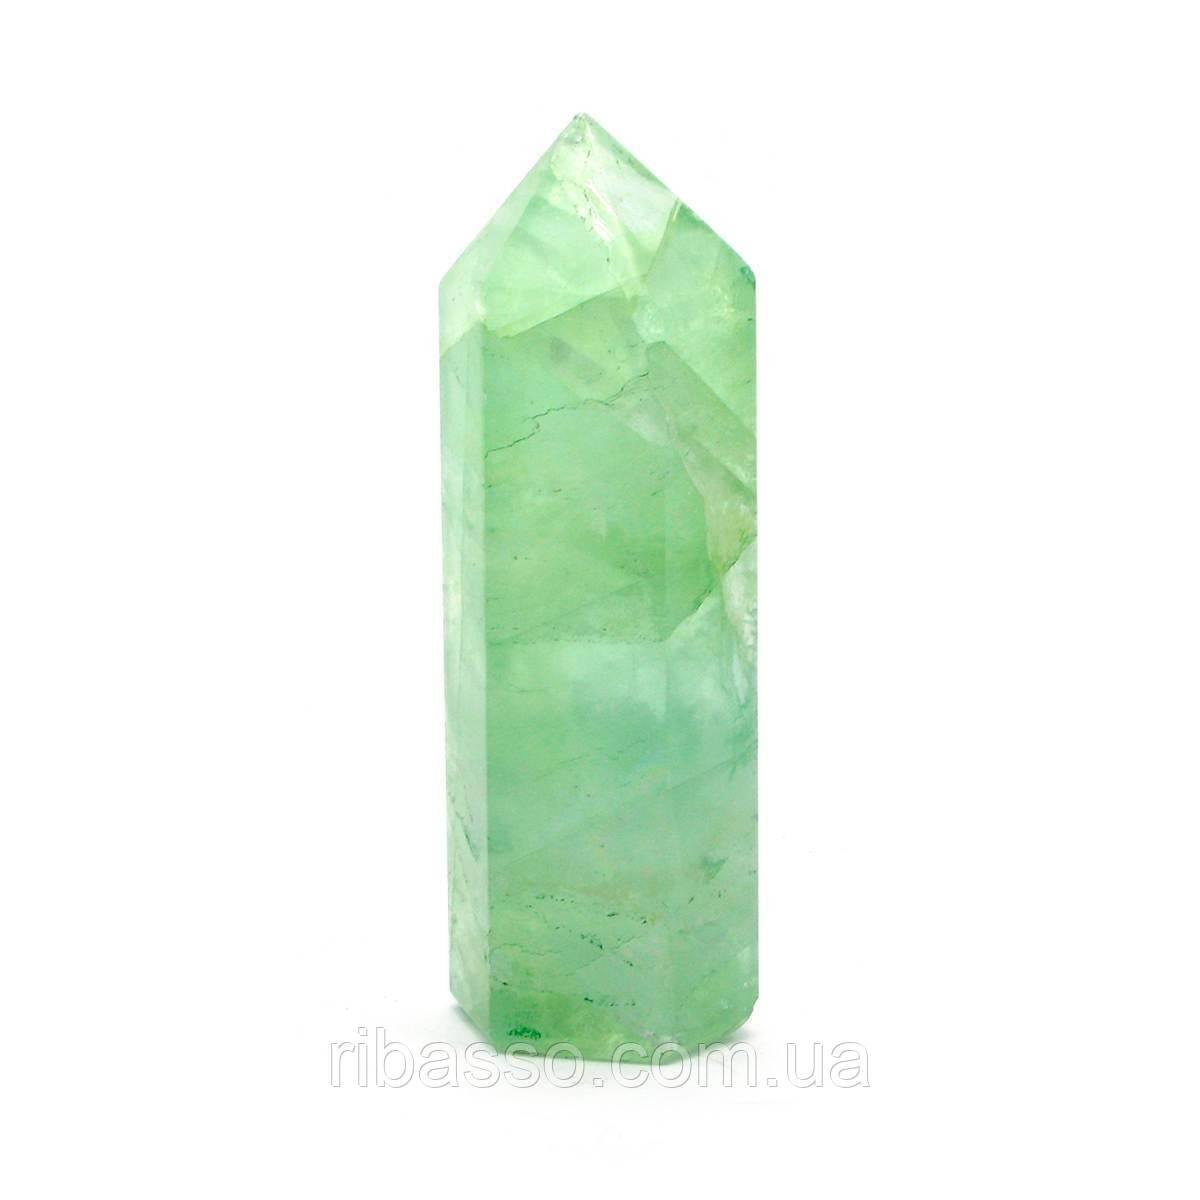 Кристалл зеленый кварц 7 см 27061